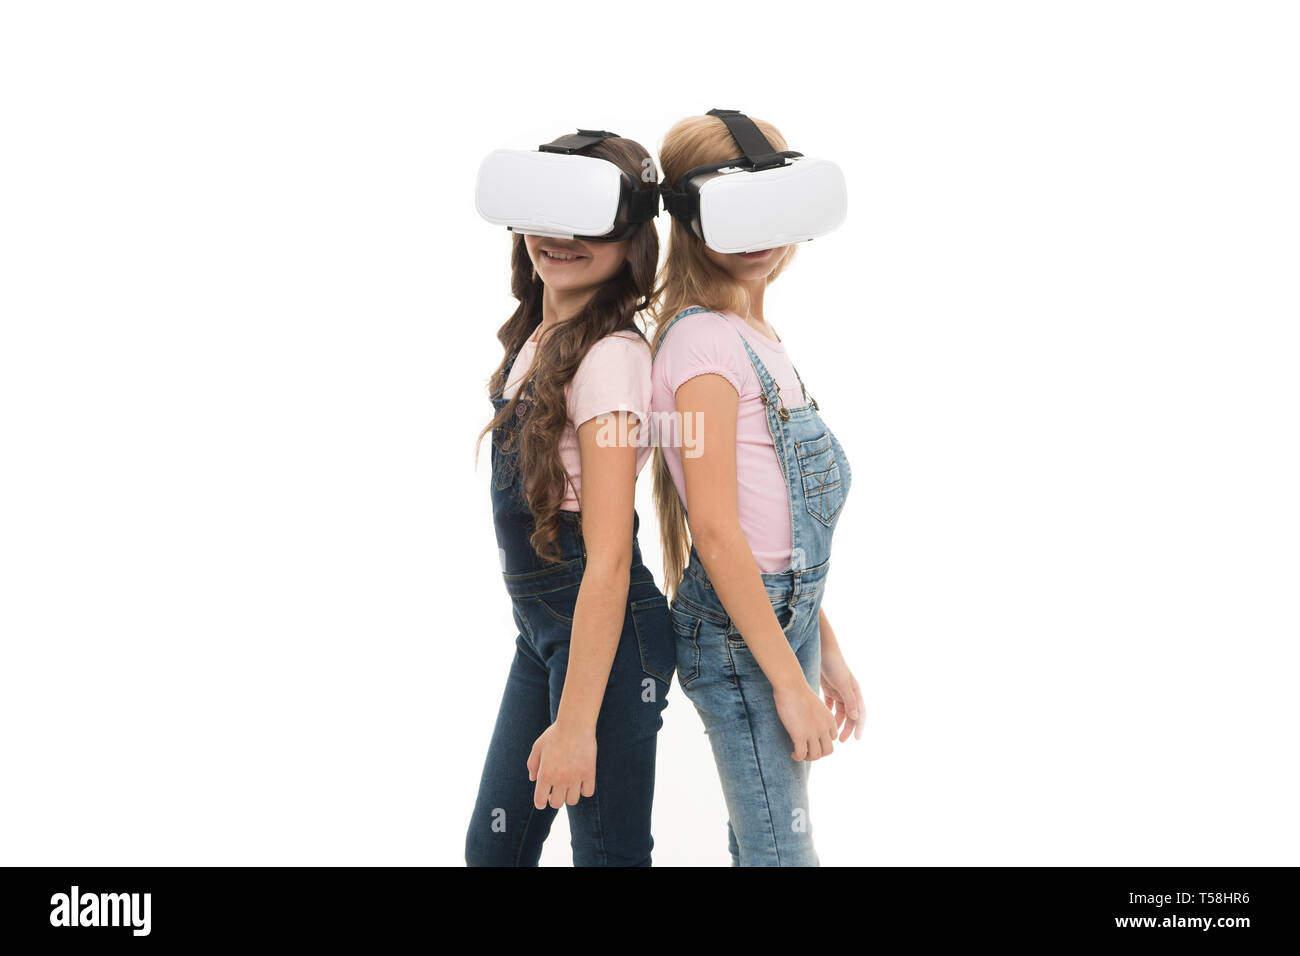 Sfruttare i vantaggi di questa nuova tecnologia. Adorabili poco bambini usando la tecnologia VR per apprendere e giocare. Carino bambini piccoli sperimentando tecnologie innovative. C è la tecnologia, copia dello spazio. Immagini Stock